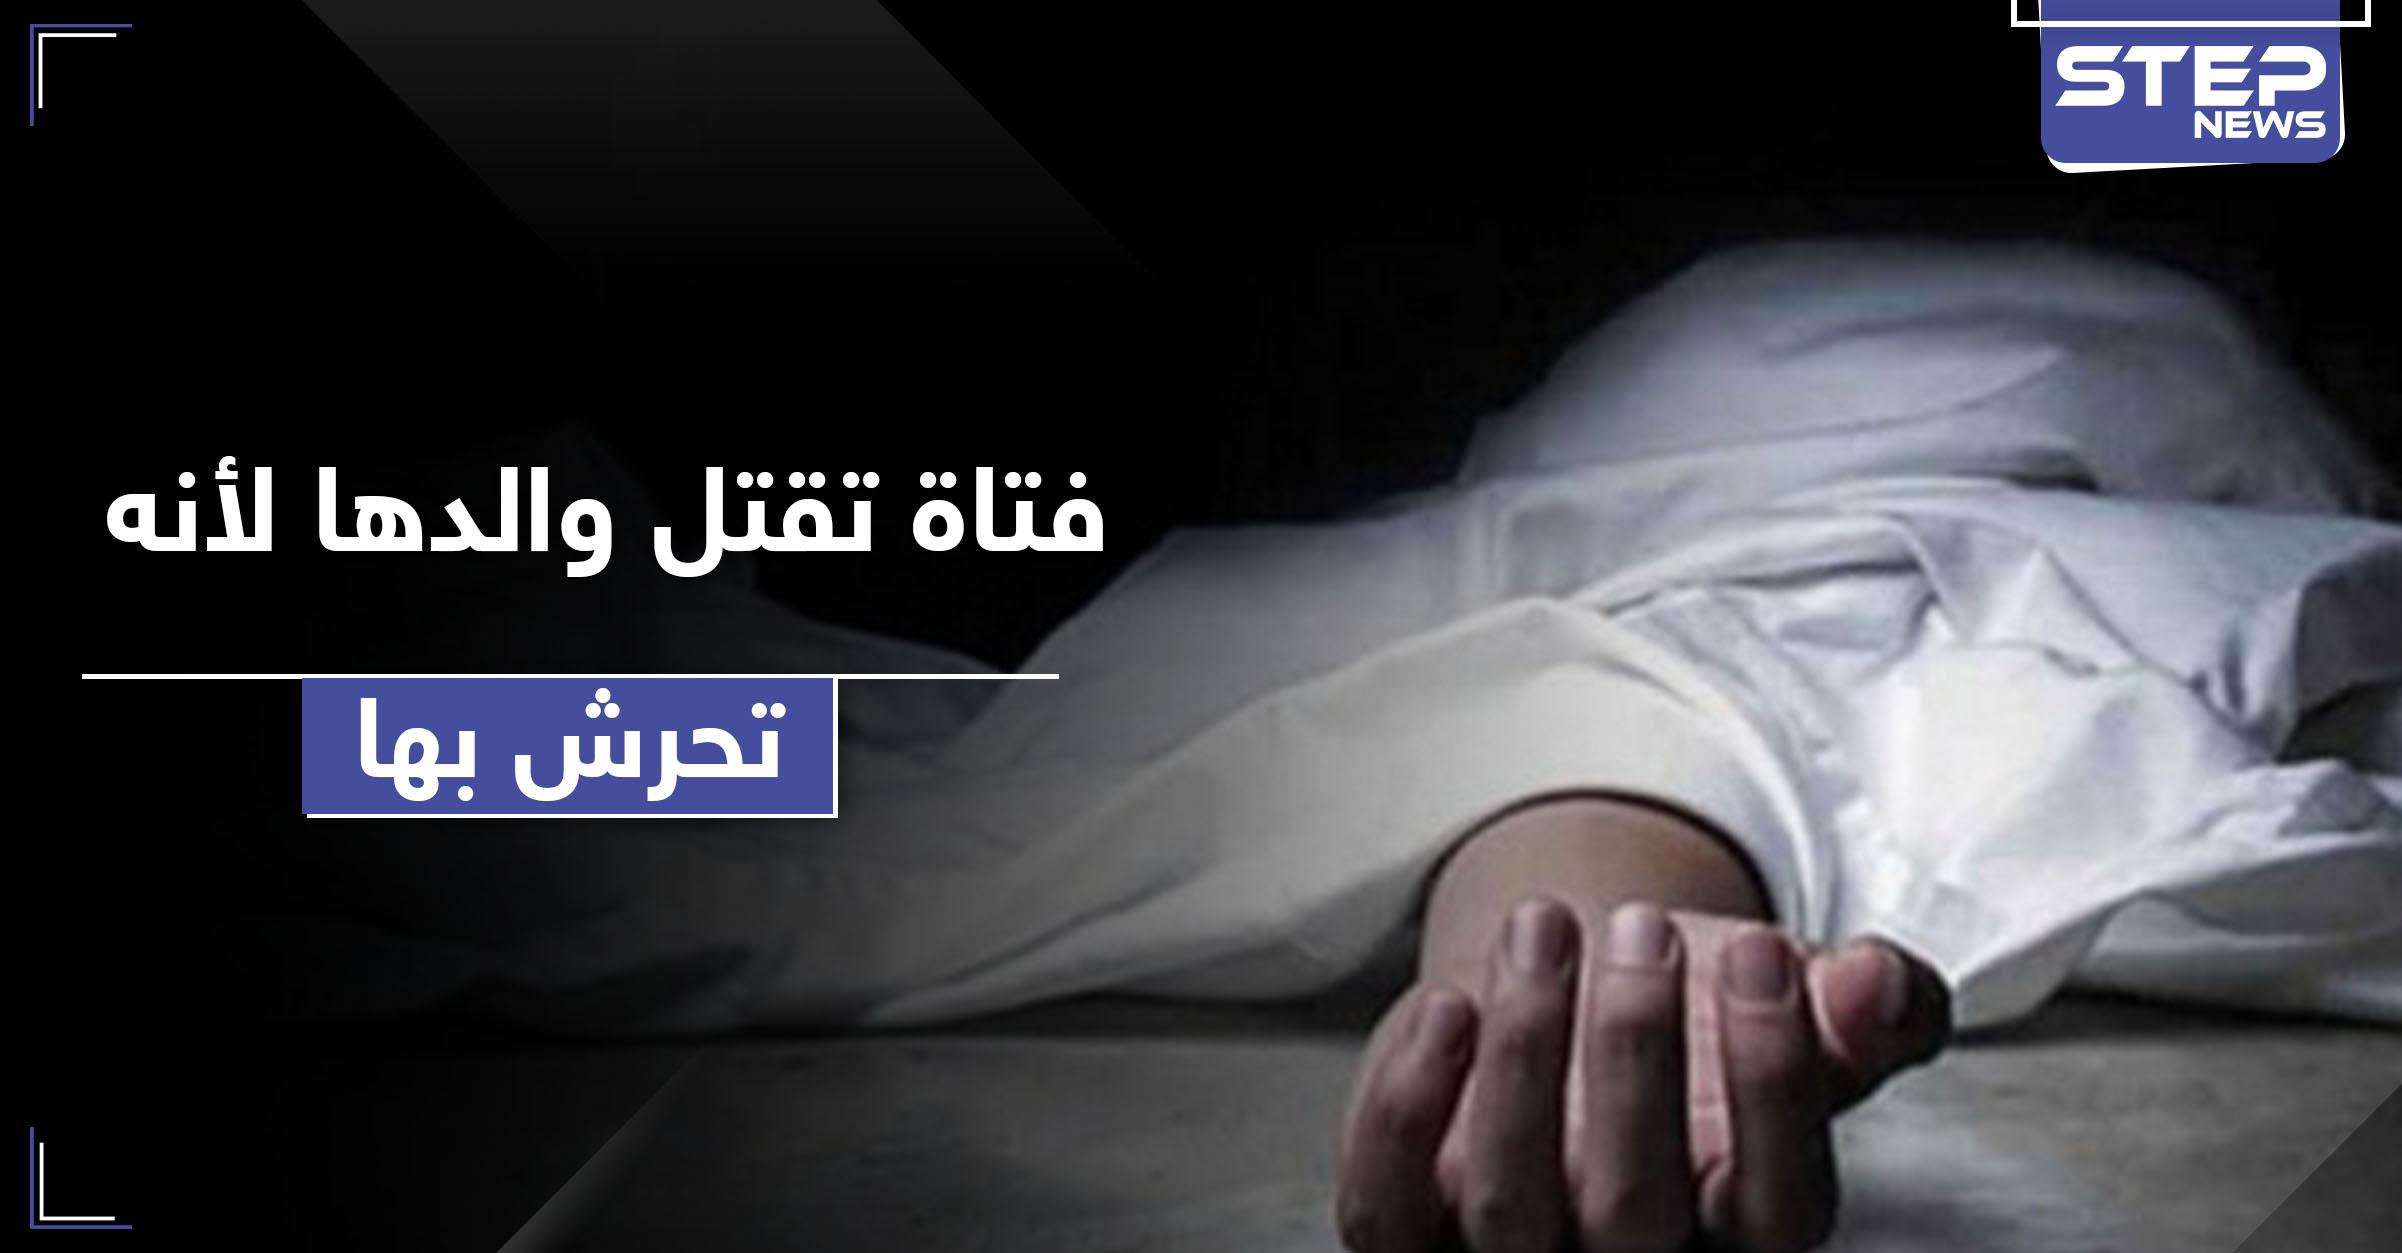 فتاة تقتل والدها لاتهامه بالتحرش بها